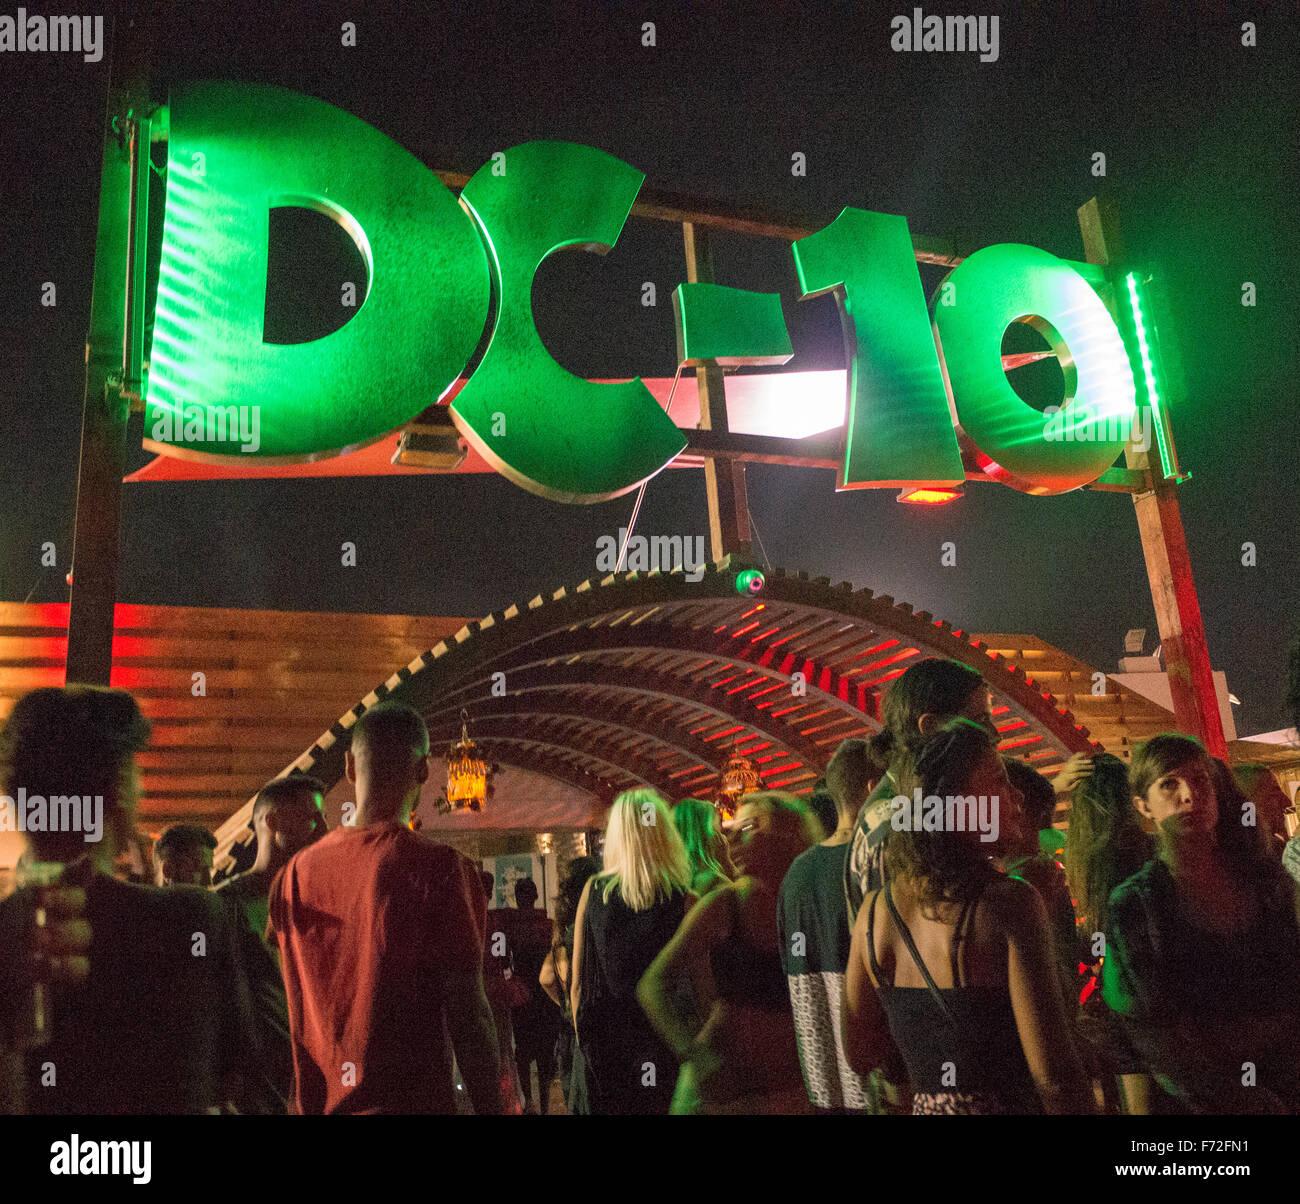 DC-10 club in Ibiza - Stock Image